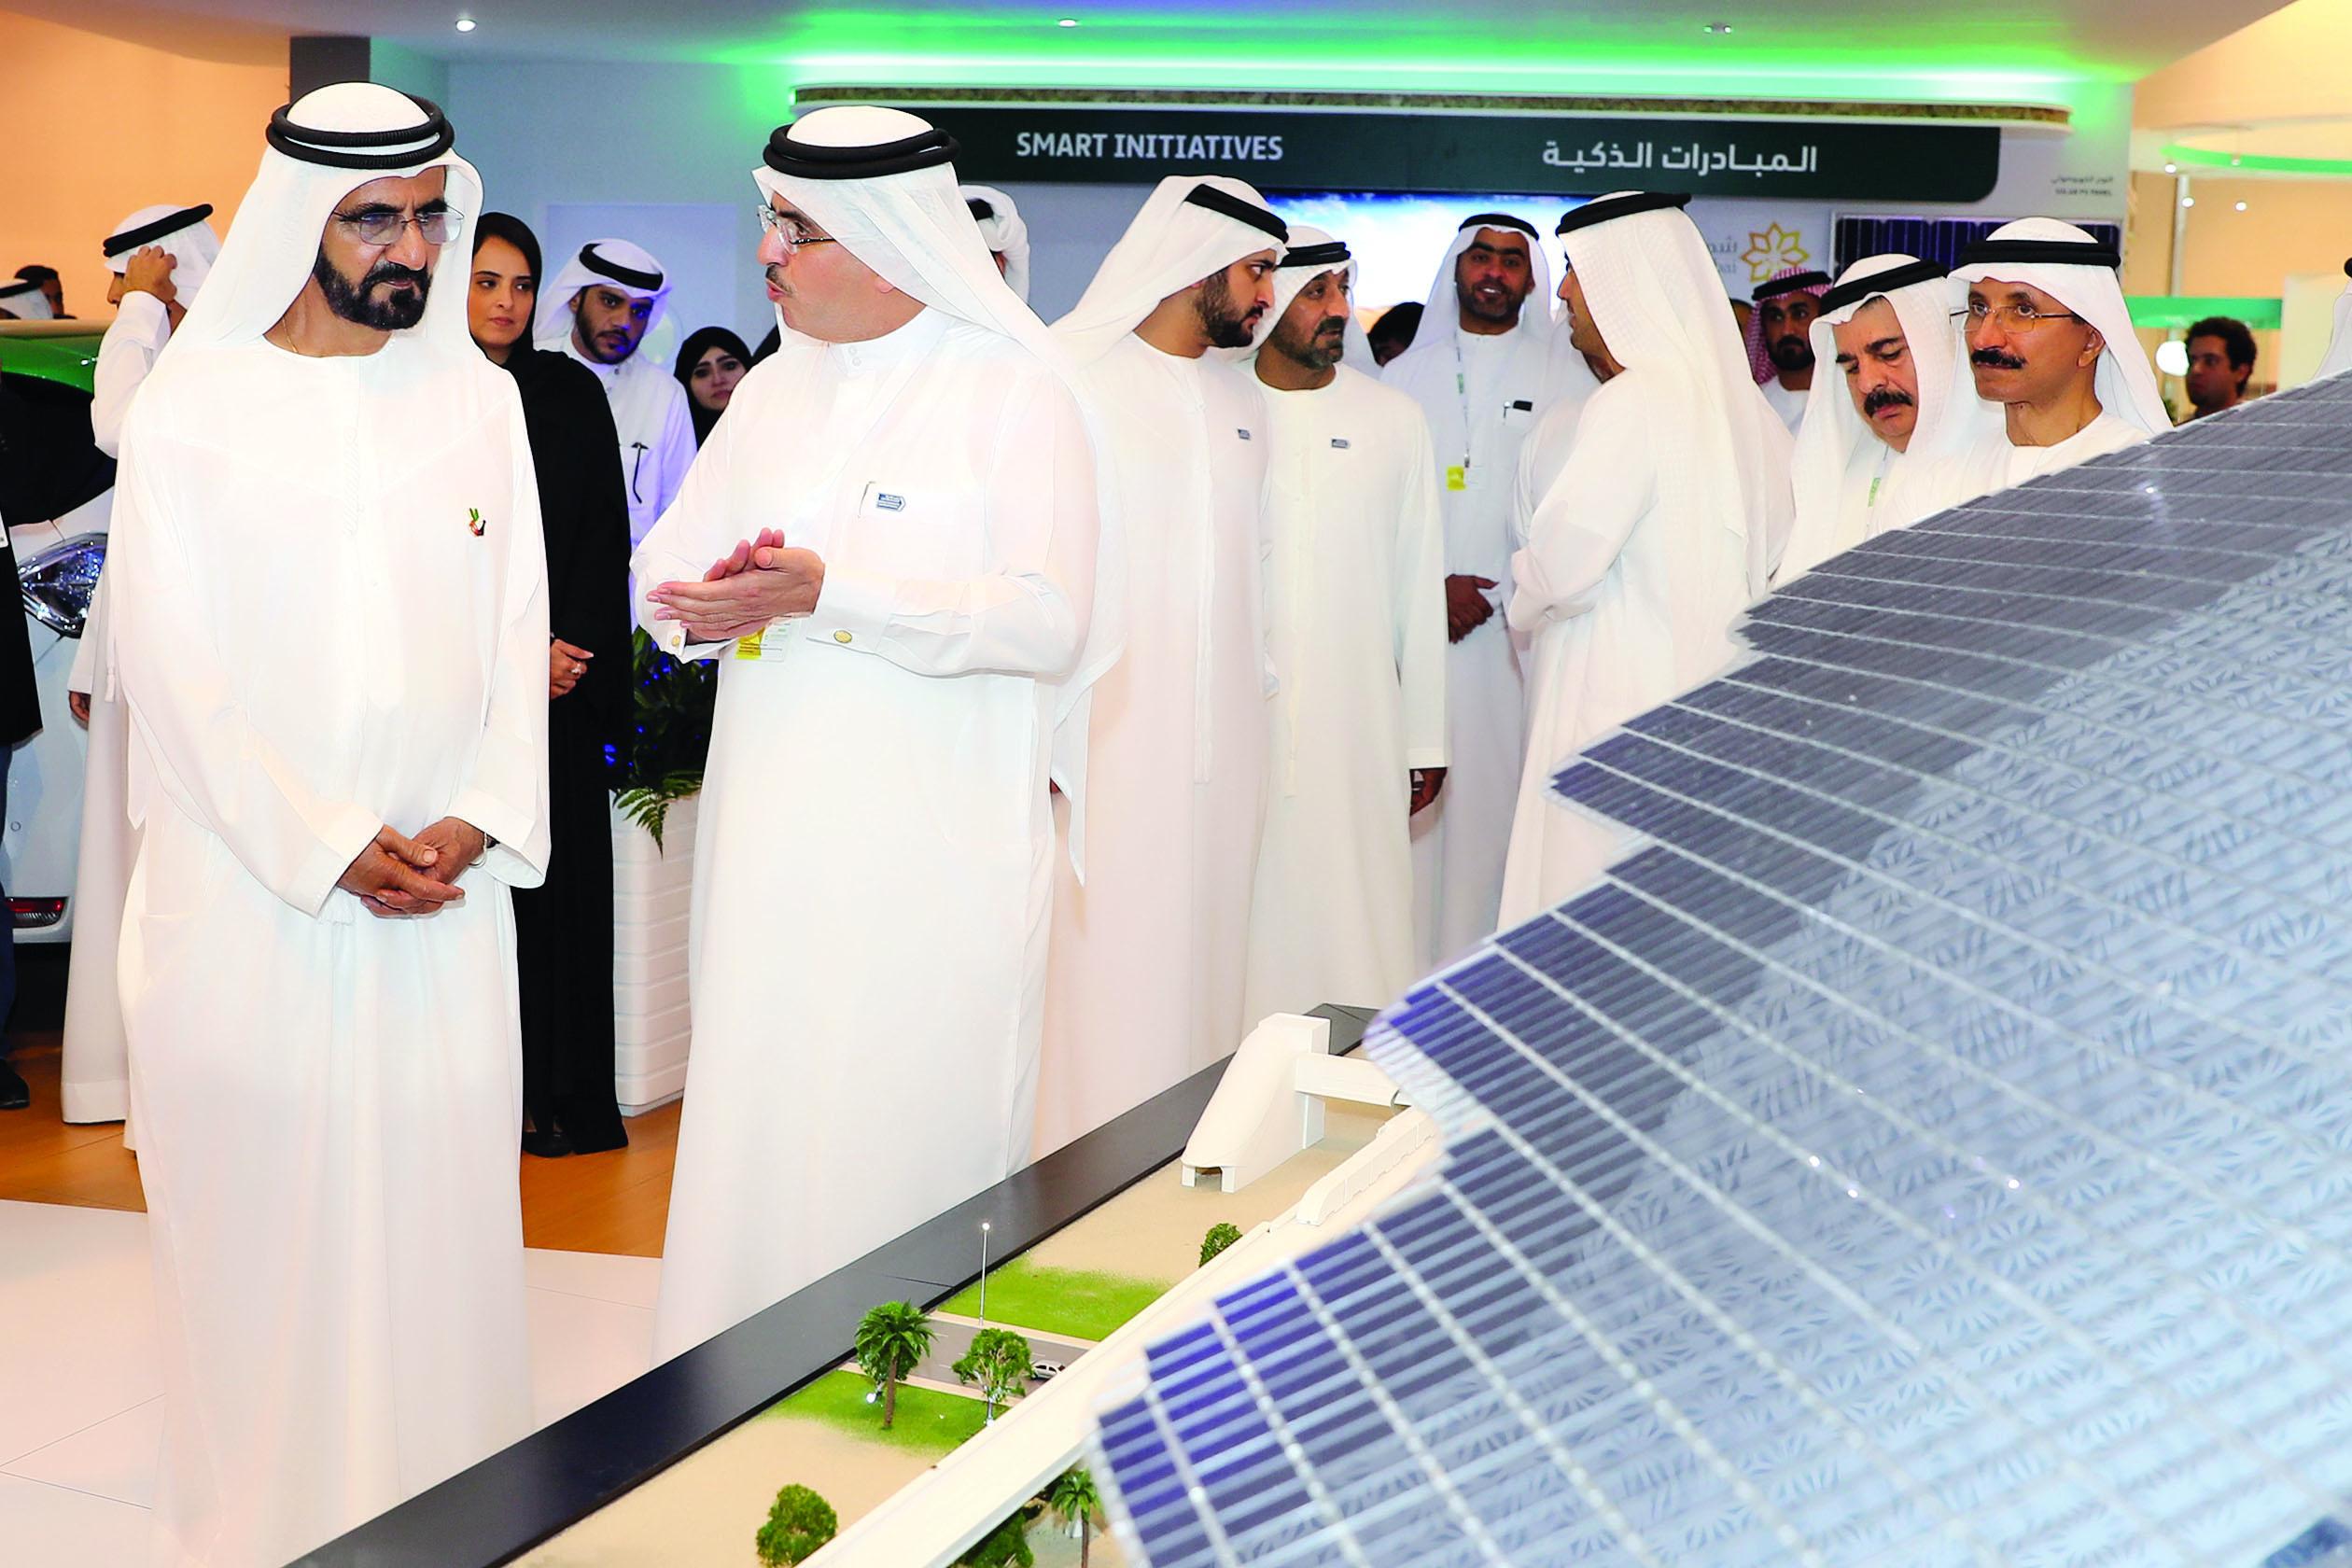 الدولة تسجّل نفسها أول عضو في المنظمة العالمية للاقتصاد الأخضر